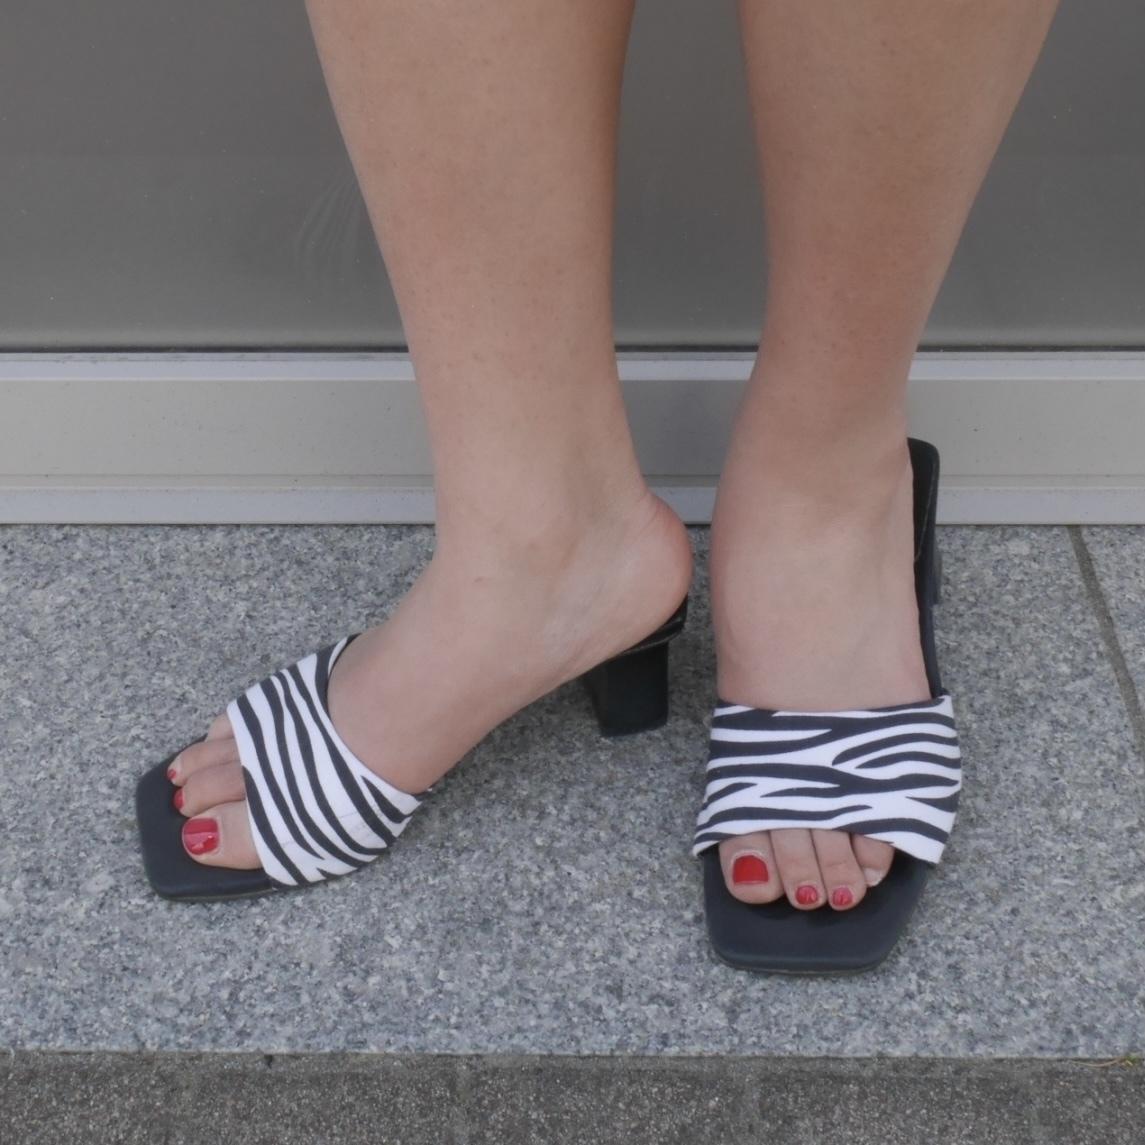 【Belle】mule pumps / zebra